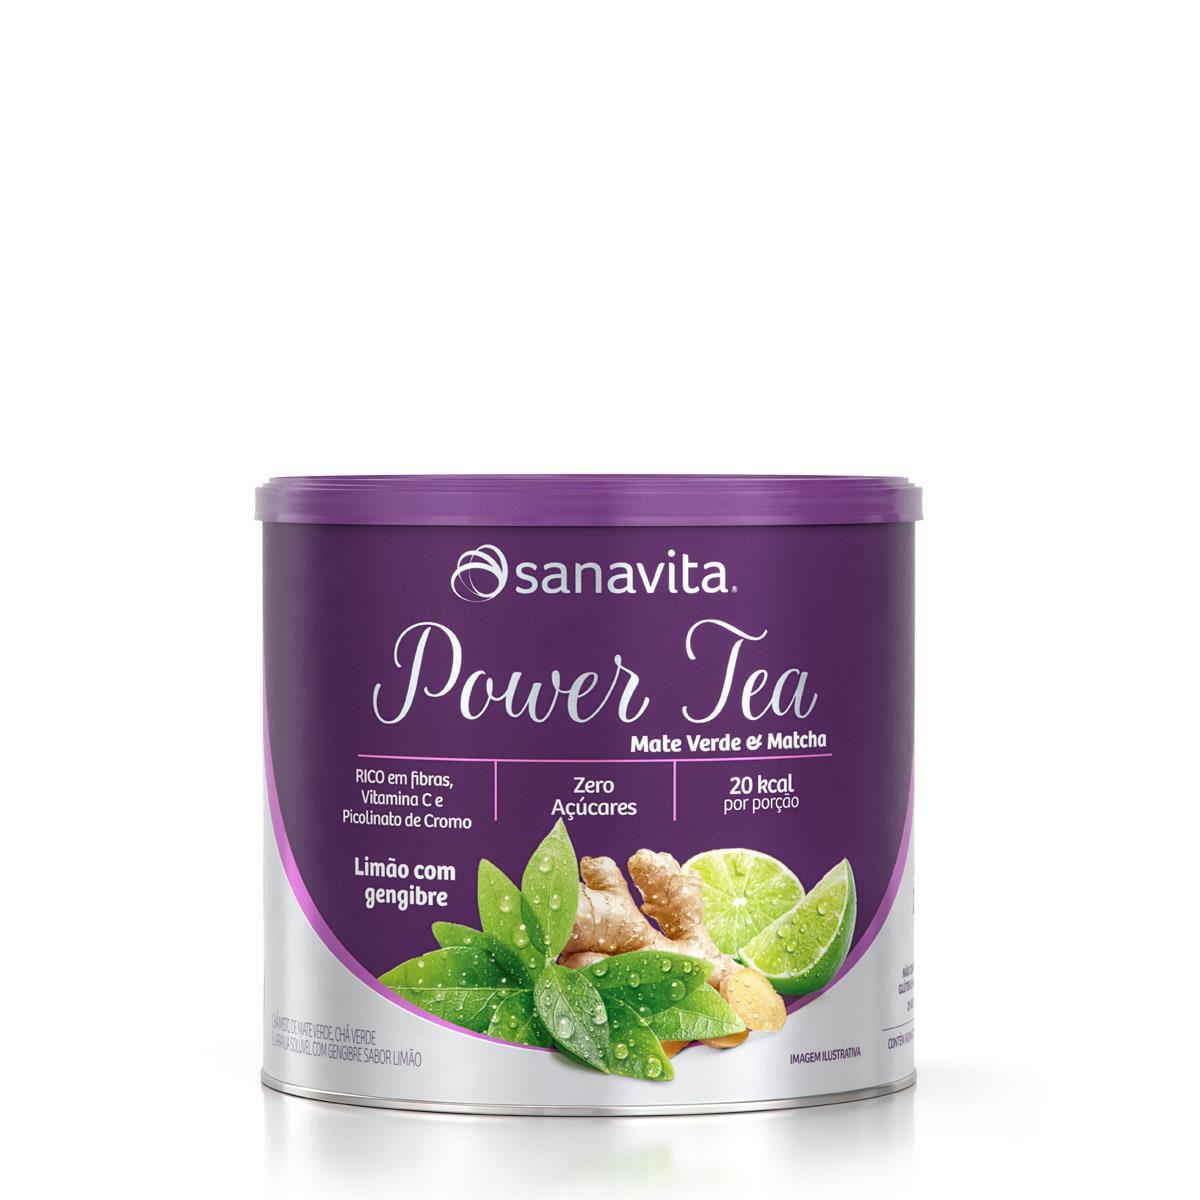 POWER TEA MATE VERDE & MATCHA LIMÃO COM GENGIBRE 200g – Sanavita